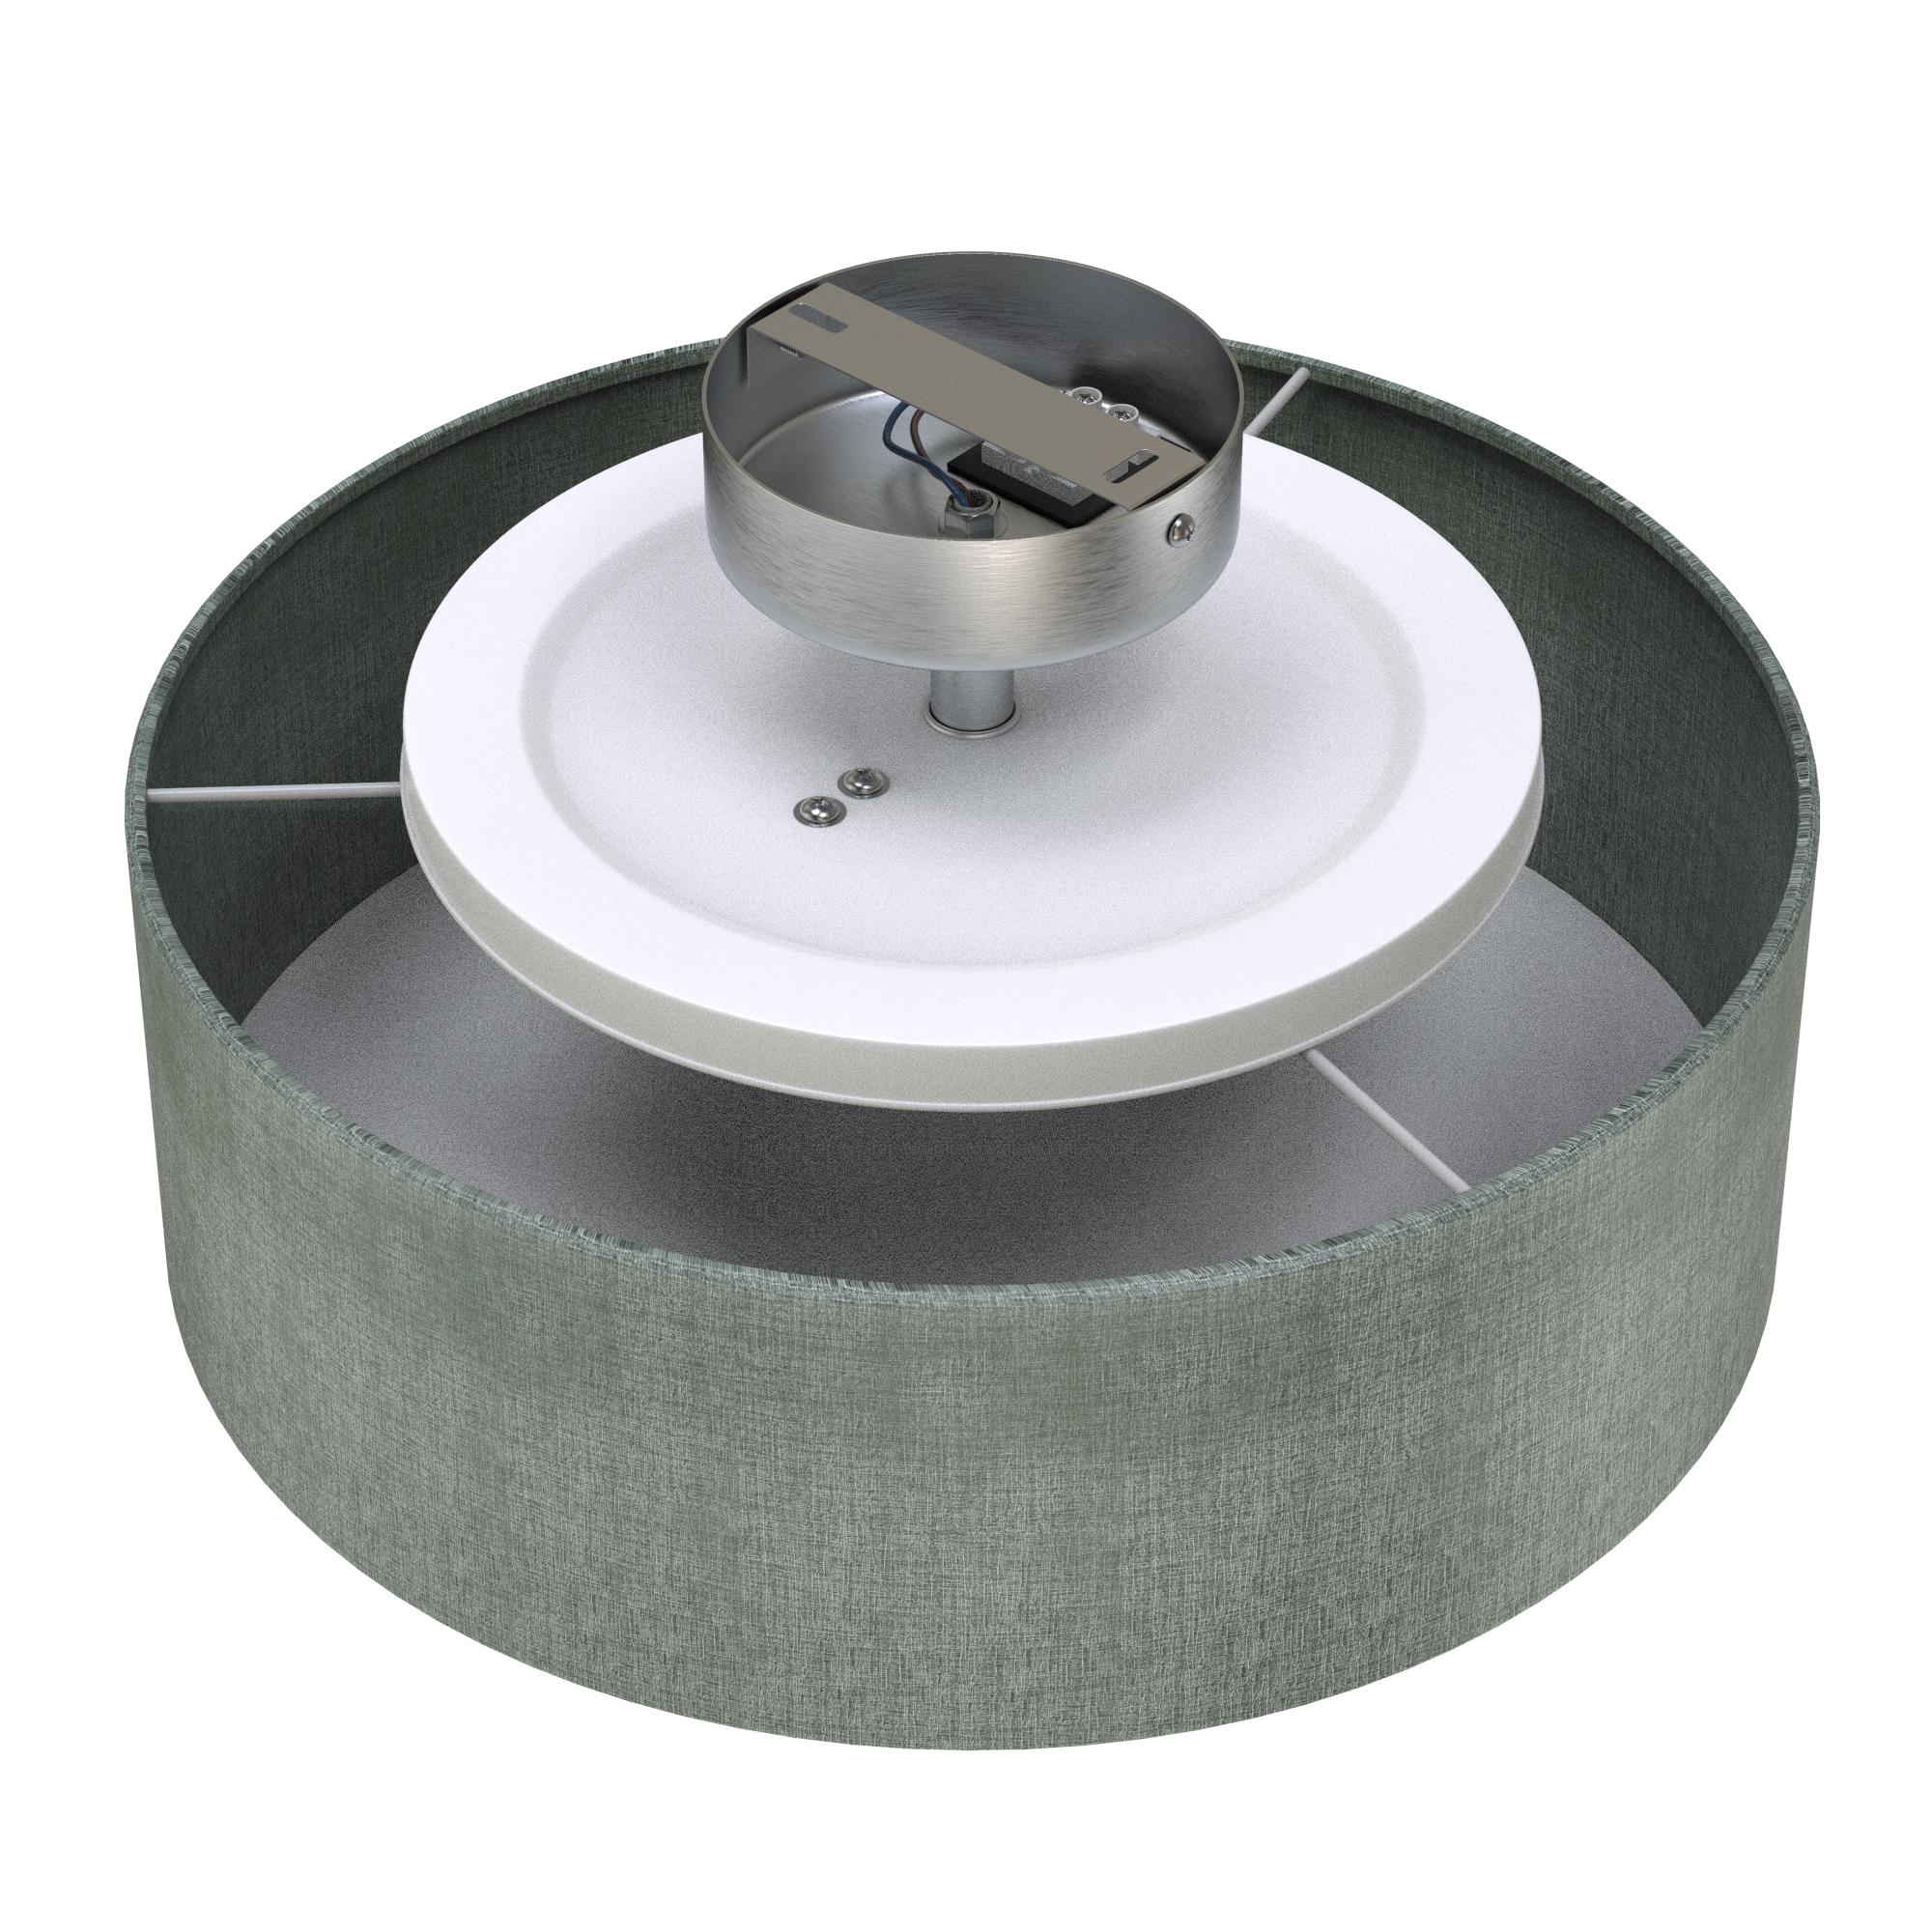 Stoff Deckenleuchte, Ø 30 cm, max. 40 W, Grau